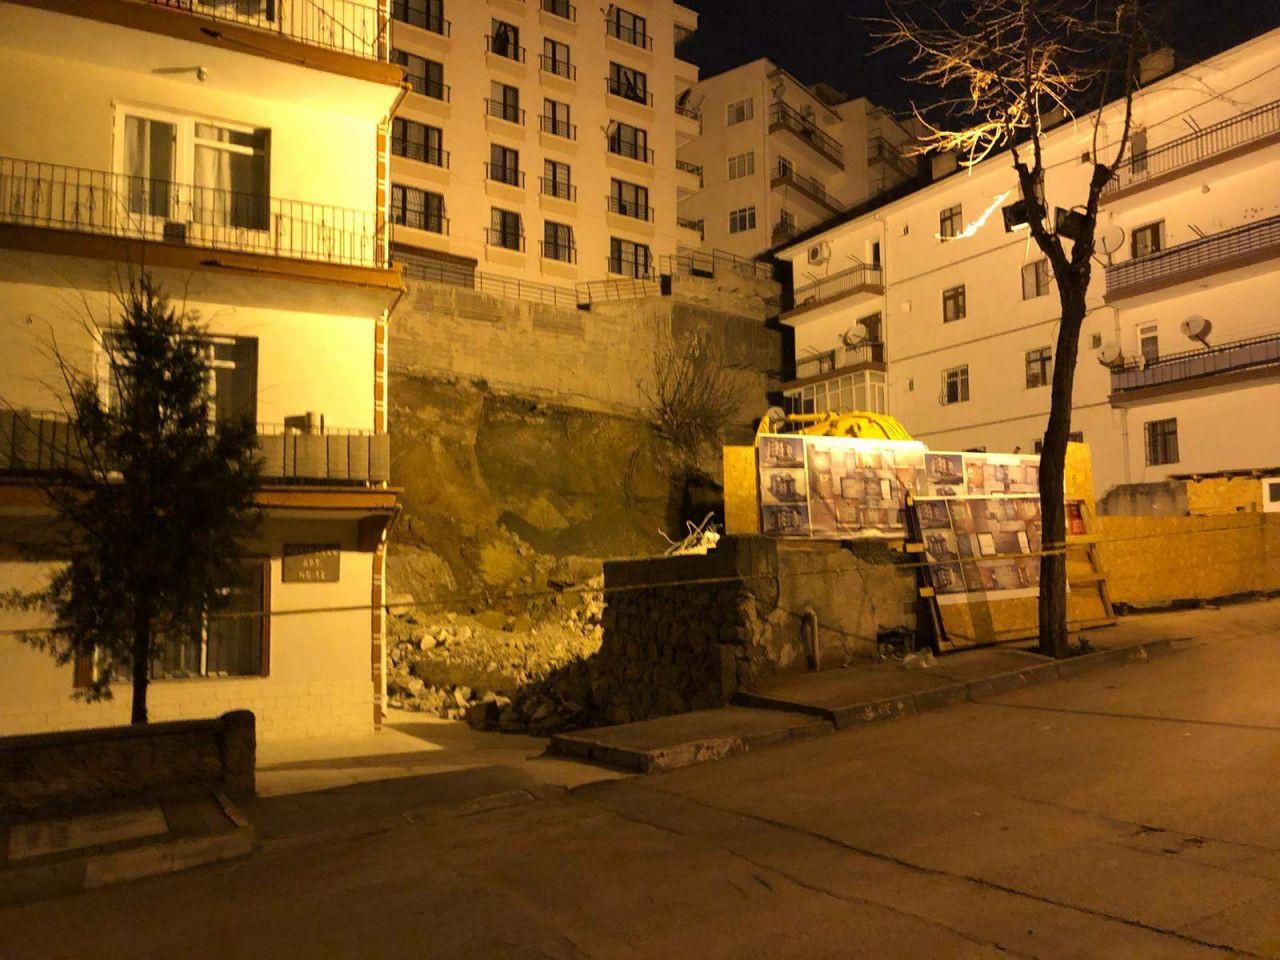 Ankara'da kabus gecesi! 21 bina boşaltıldı; geceyi sokakta geçirdiler! - Resim: 4